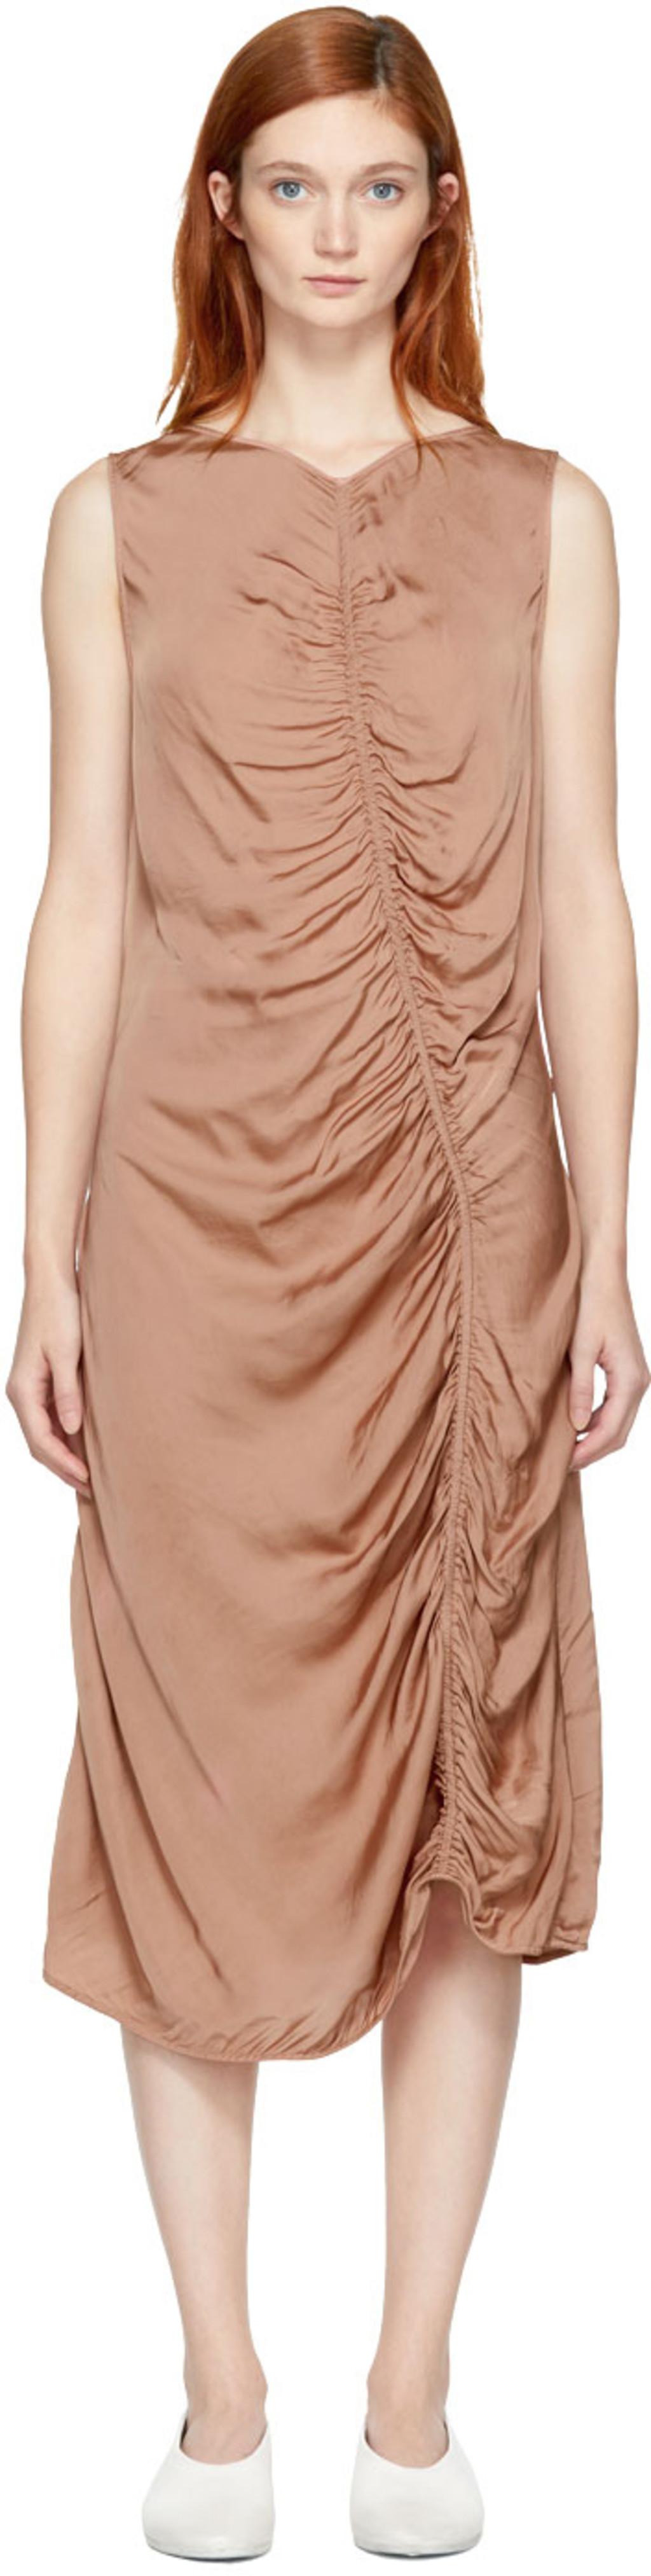 Pink Liquid Satin Dress Raquel Allegra 0I5mszN